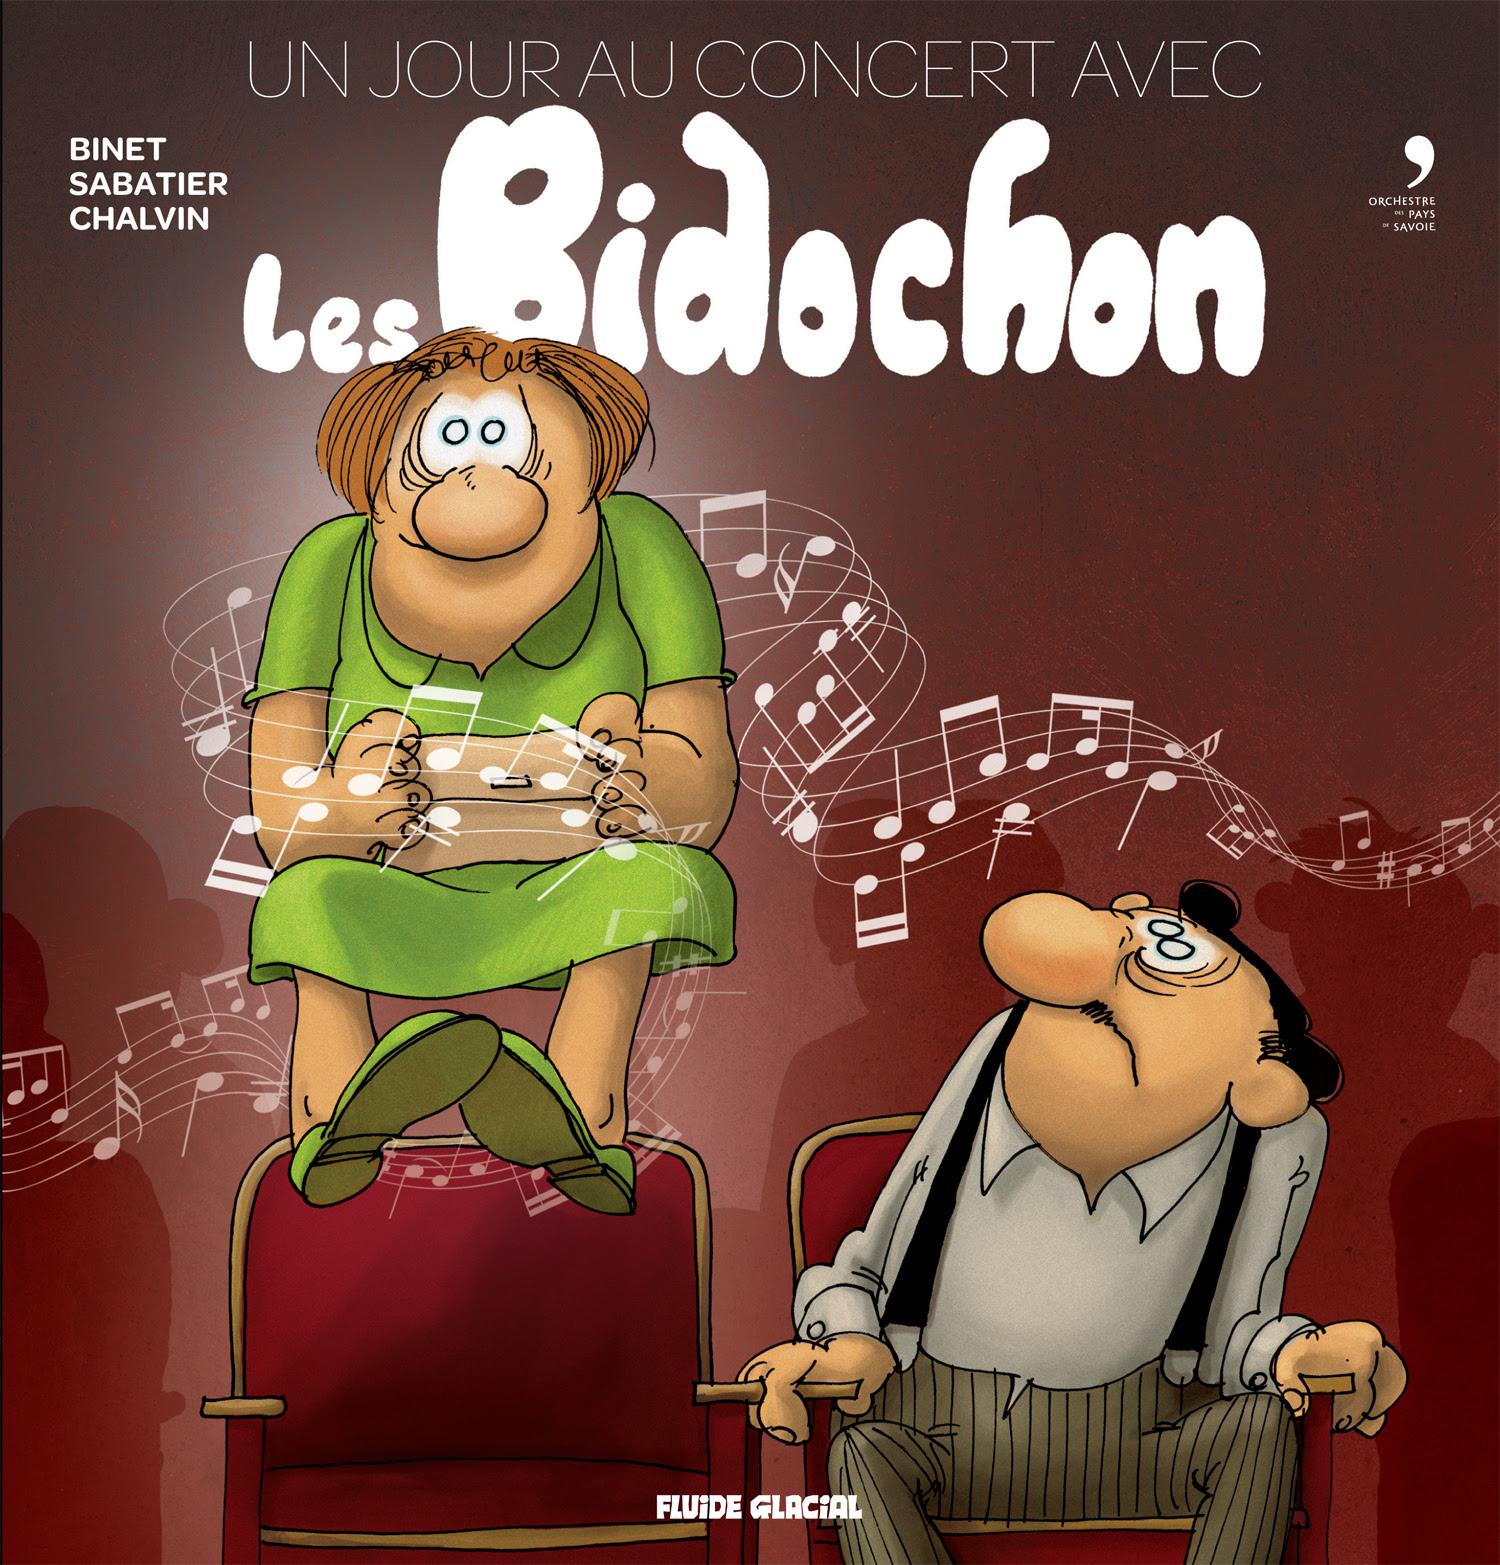 Un jour au concert avec les Bidochon, Orchestre des pays de Savoie. Au contact de la musique classique